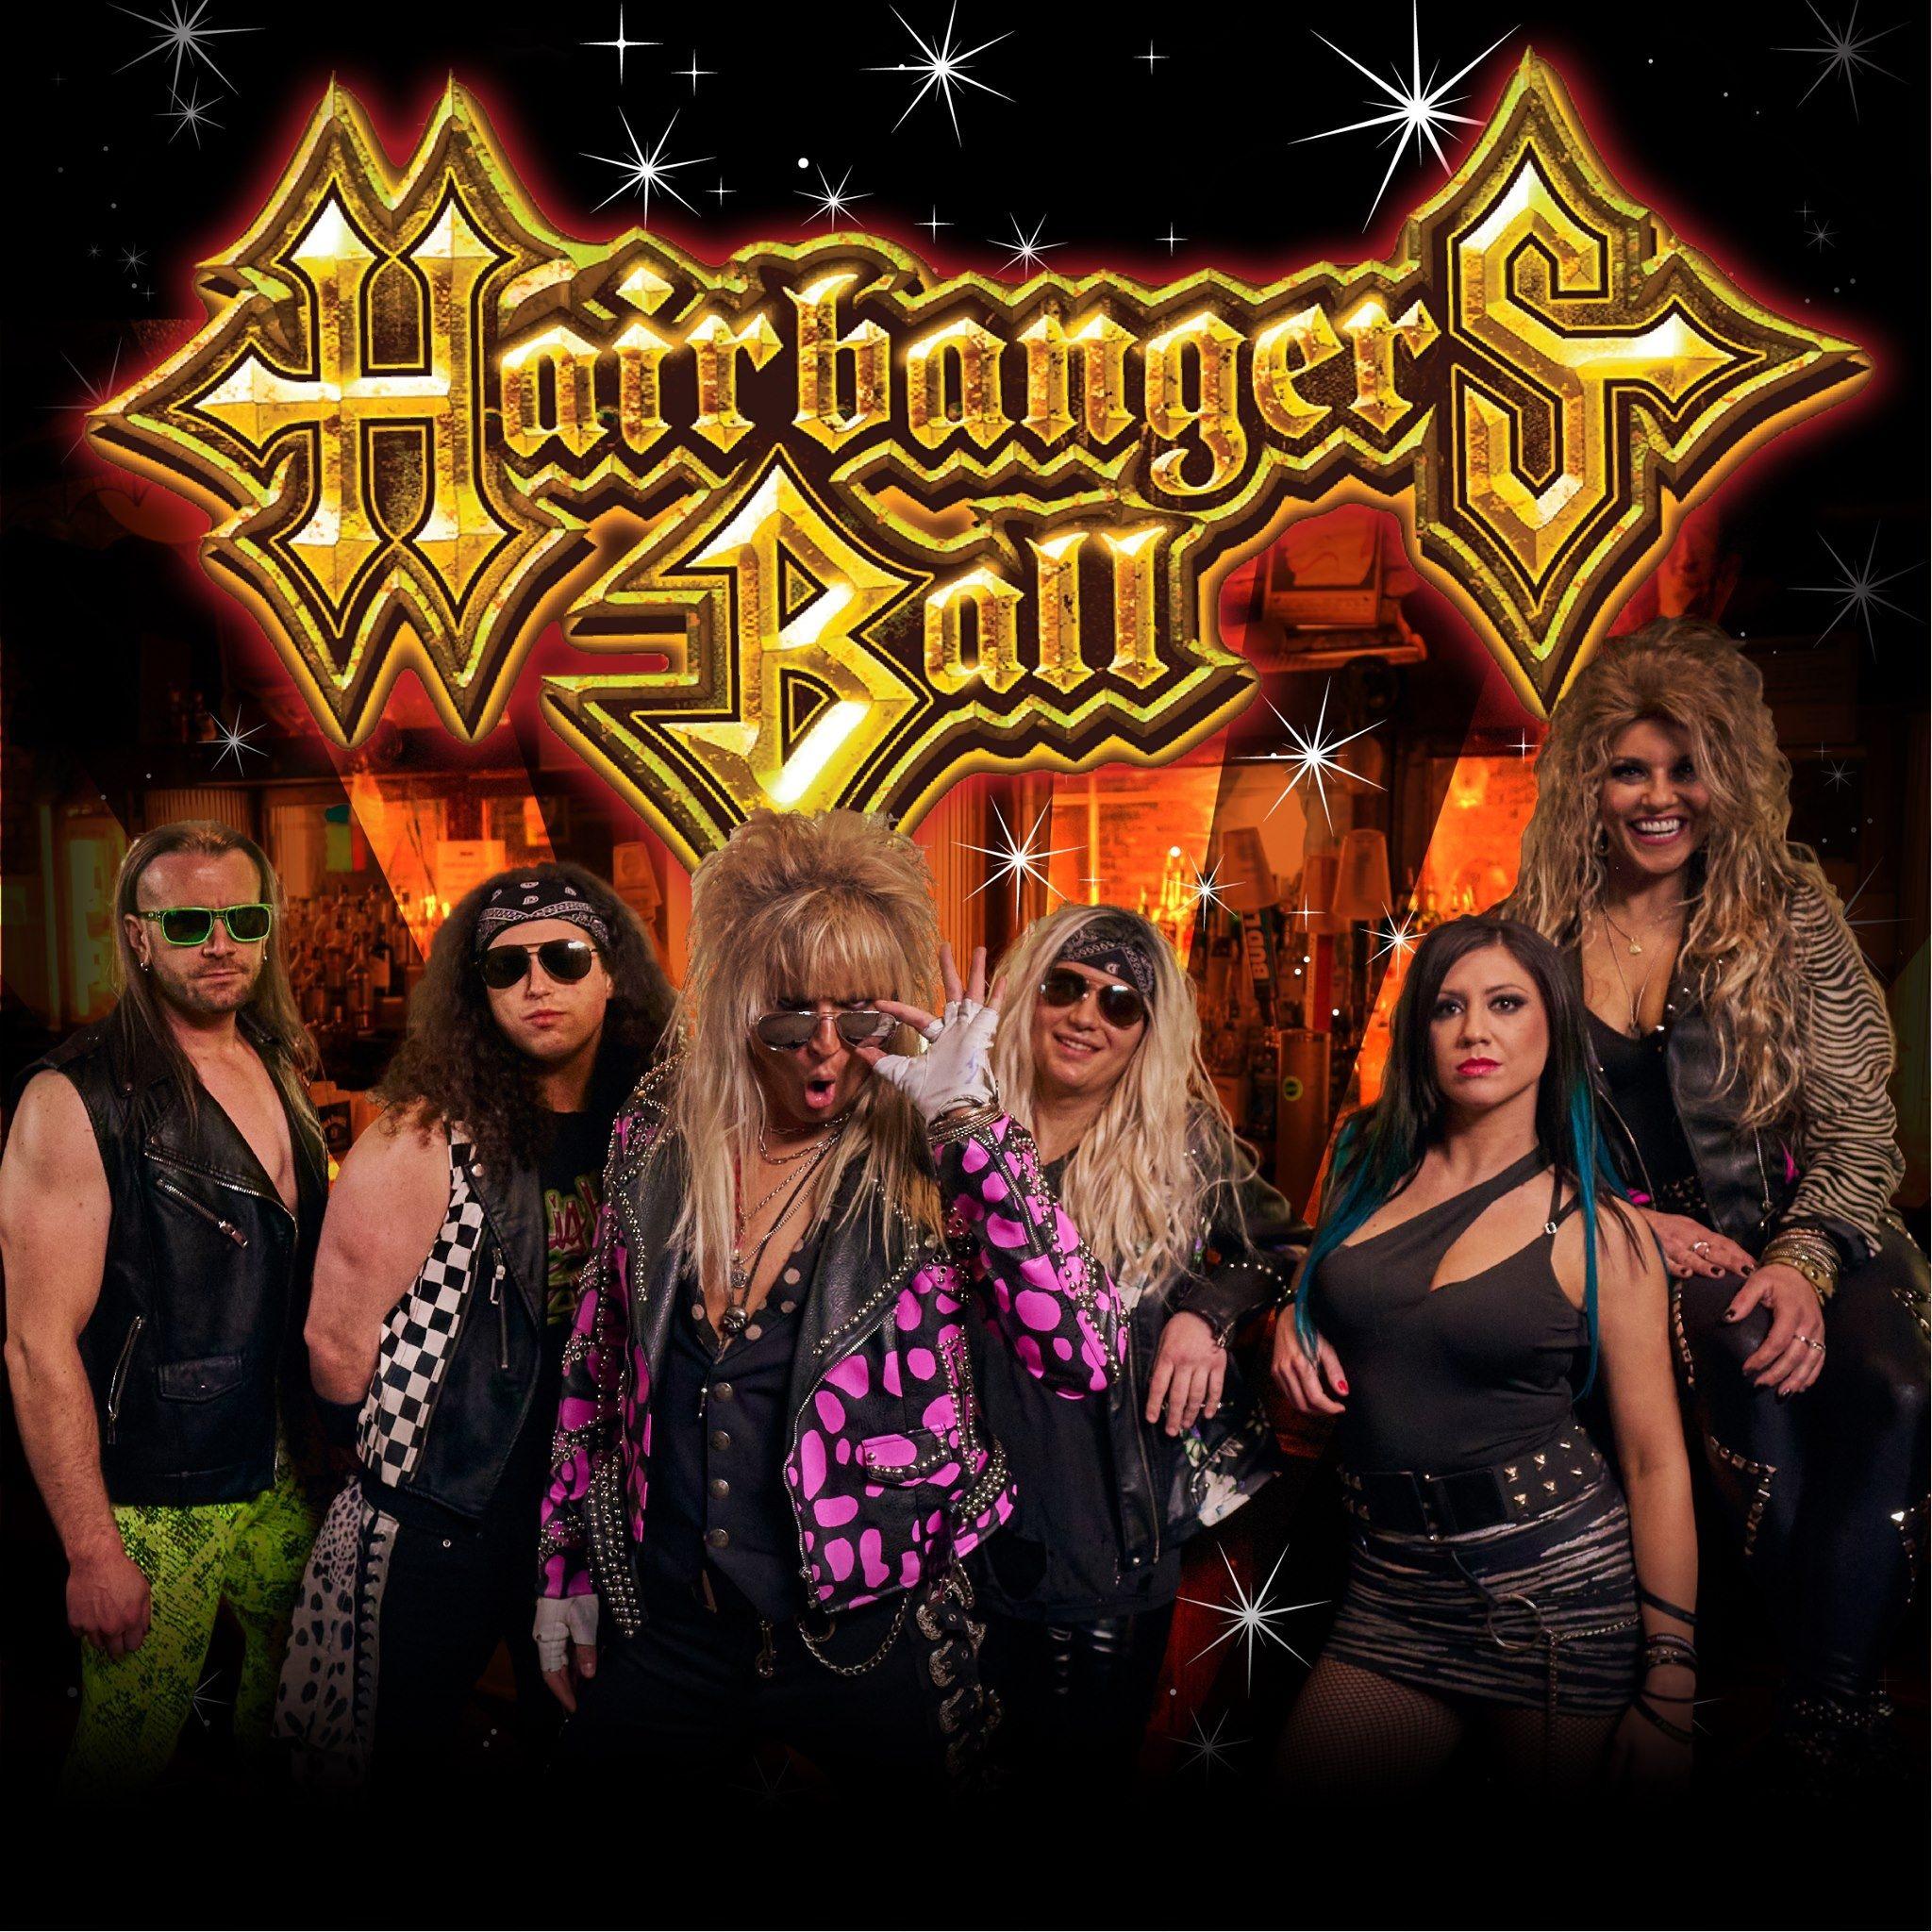 Hairbanger's Ball show poster